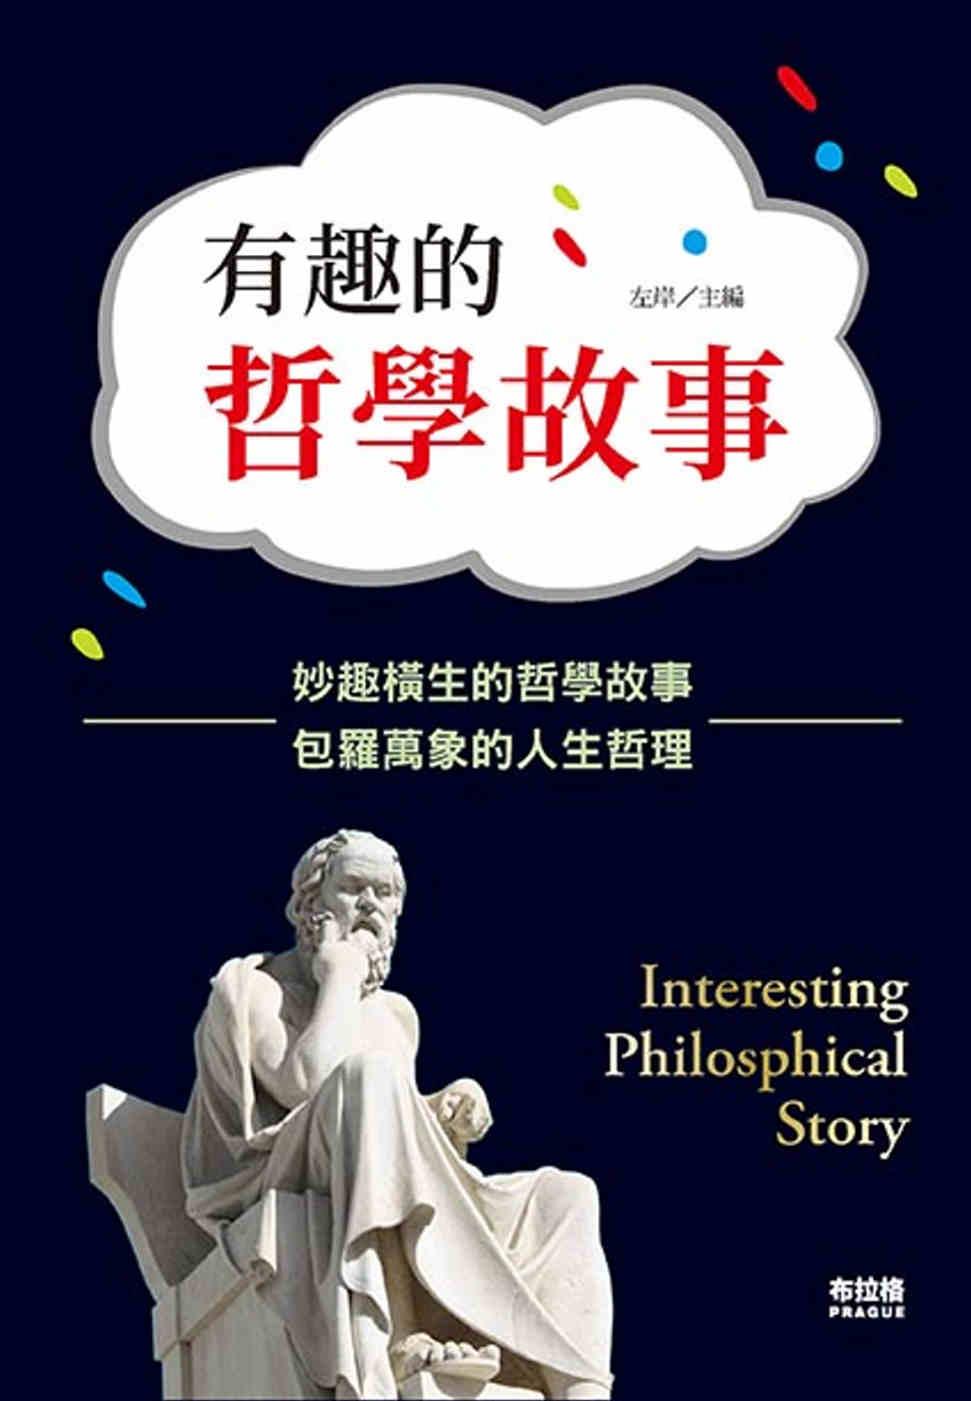 有趣的哲學故事